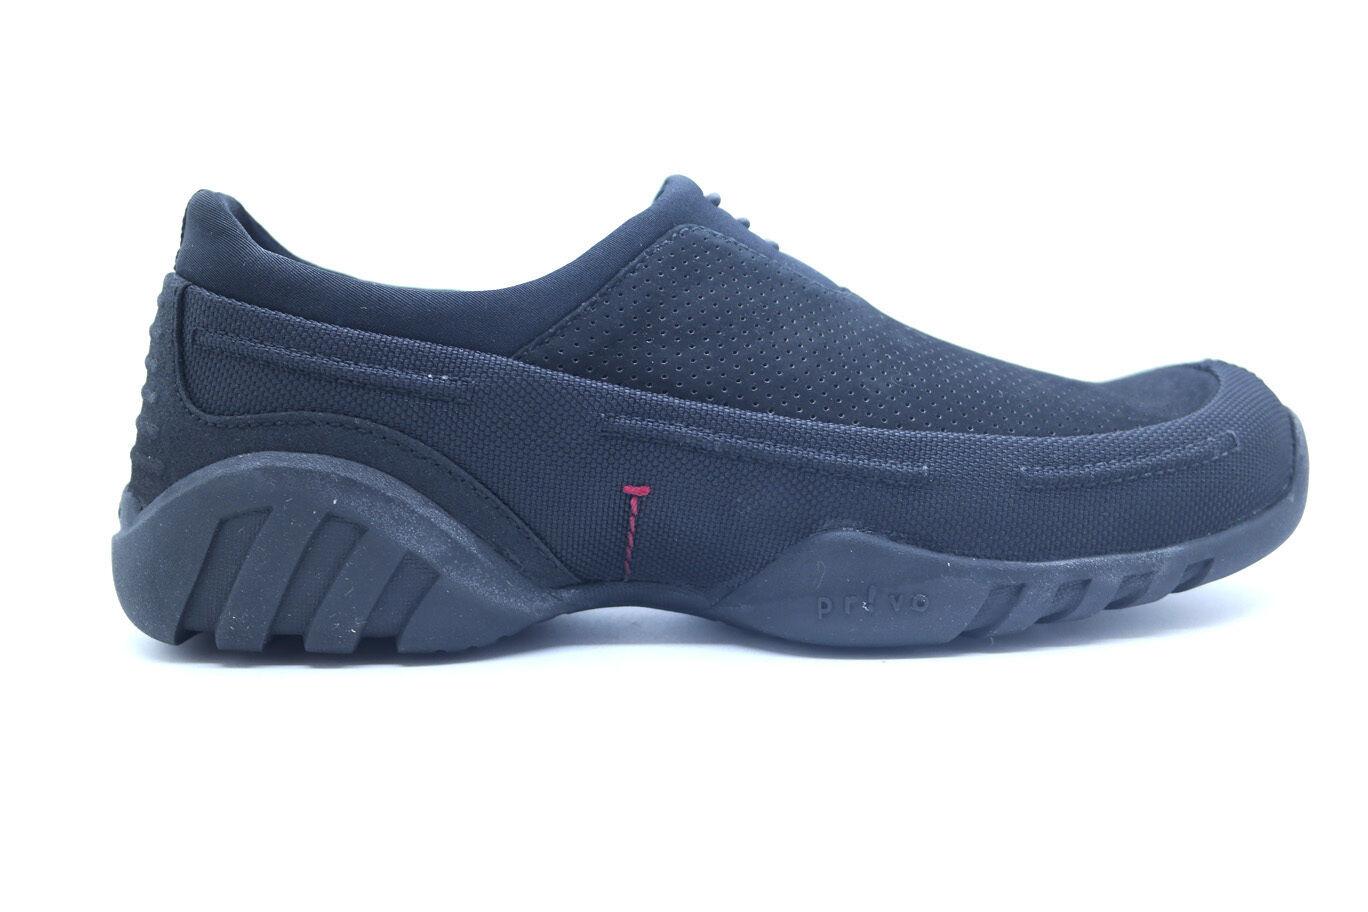 CLARKS  CLARKS PRIVO MENS zapatos CLARKSRUDD negroM PRIVO-EBAY